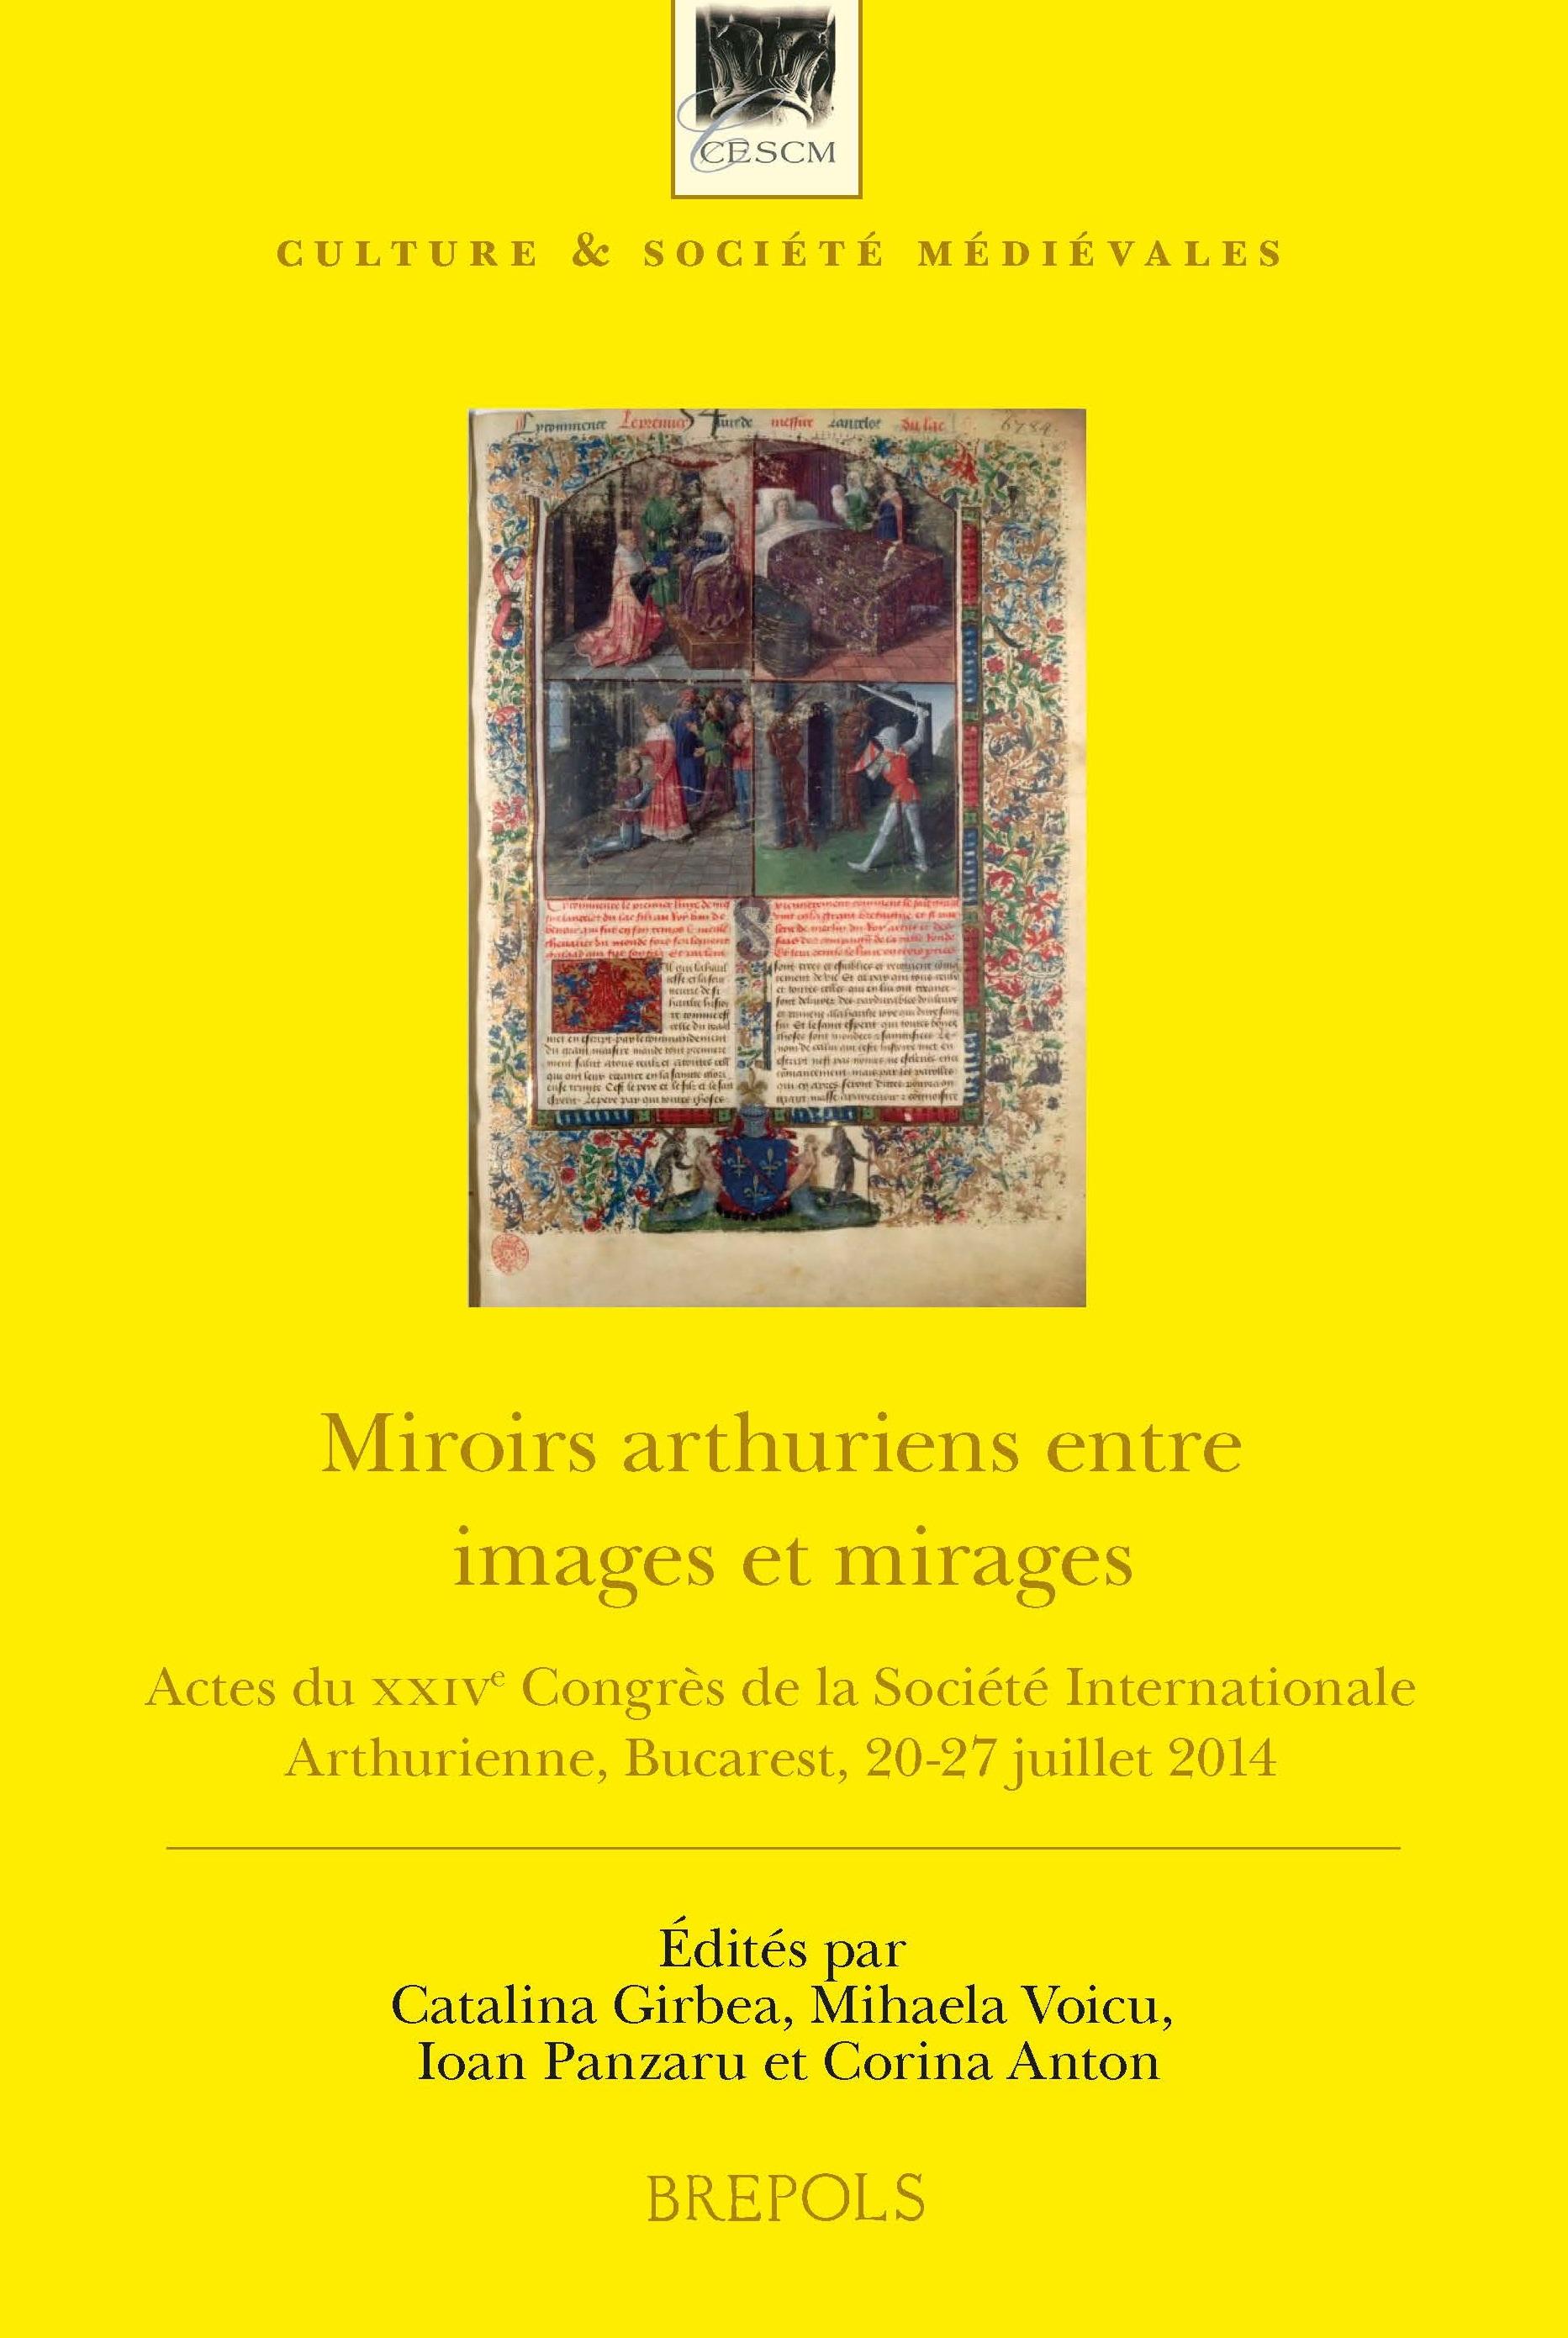 Miroirs arthuriens entre images et mirages. Actes du XXIVe Congrès de la Société Internationale Arthurienne (C. Girbea, M. Voicu, I. Panzaru, C. Anton, A. Popescu, dir.)